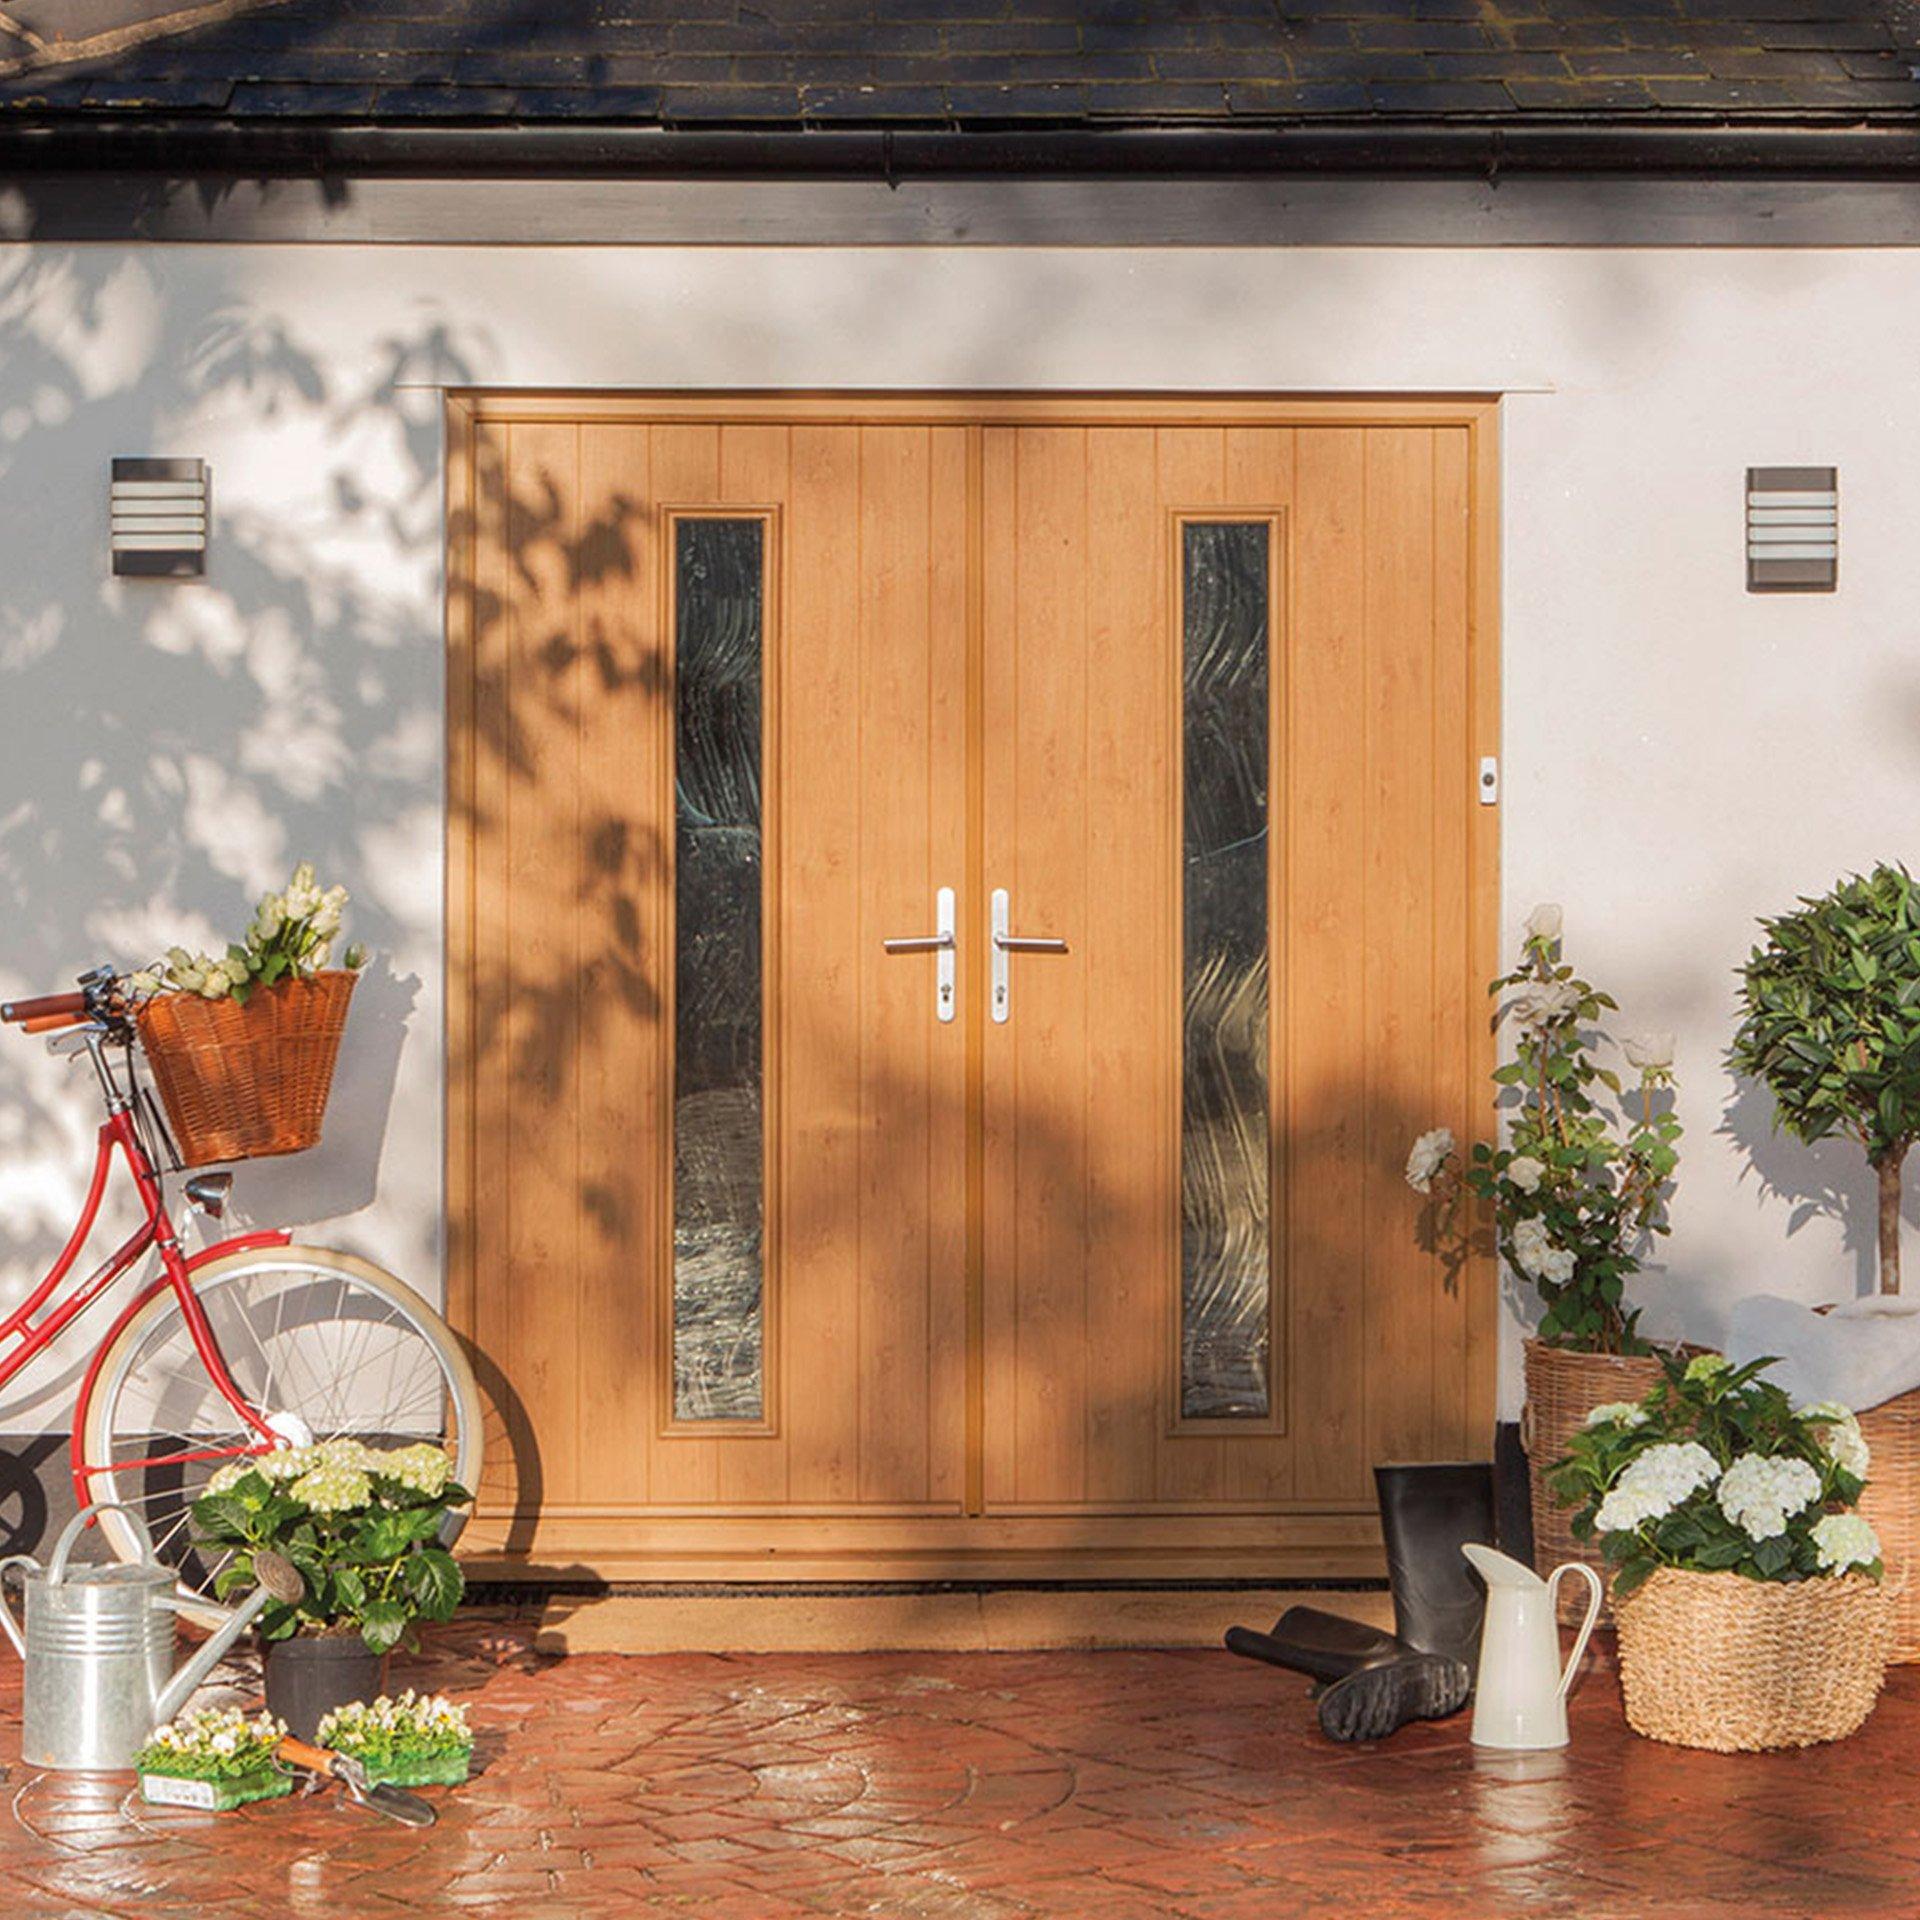 Double Exterior Front Doors Uk on